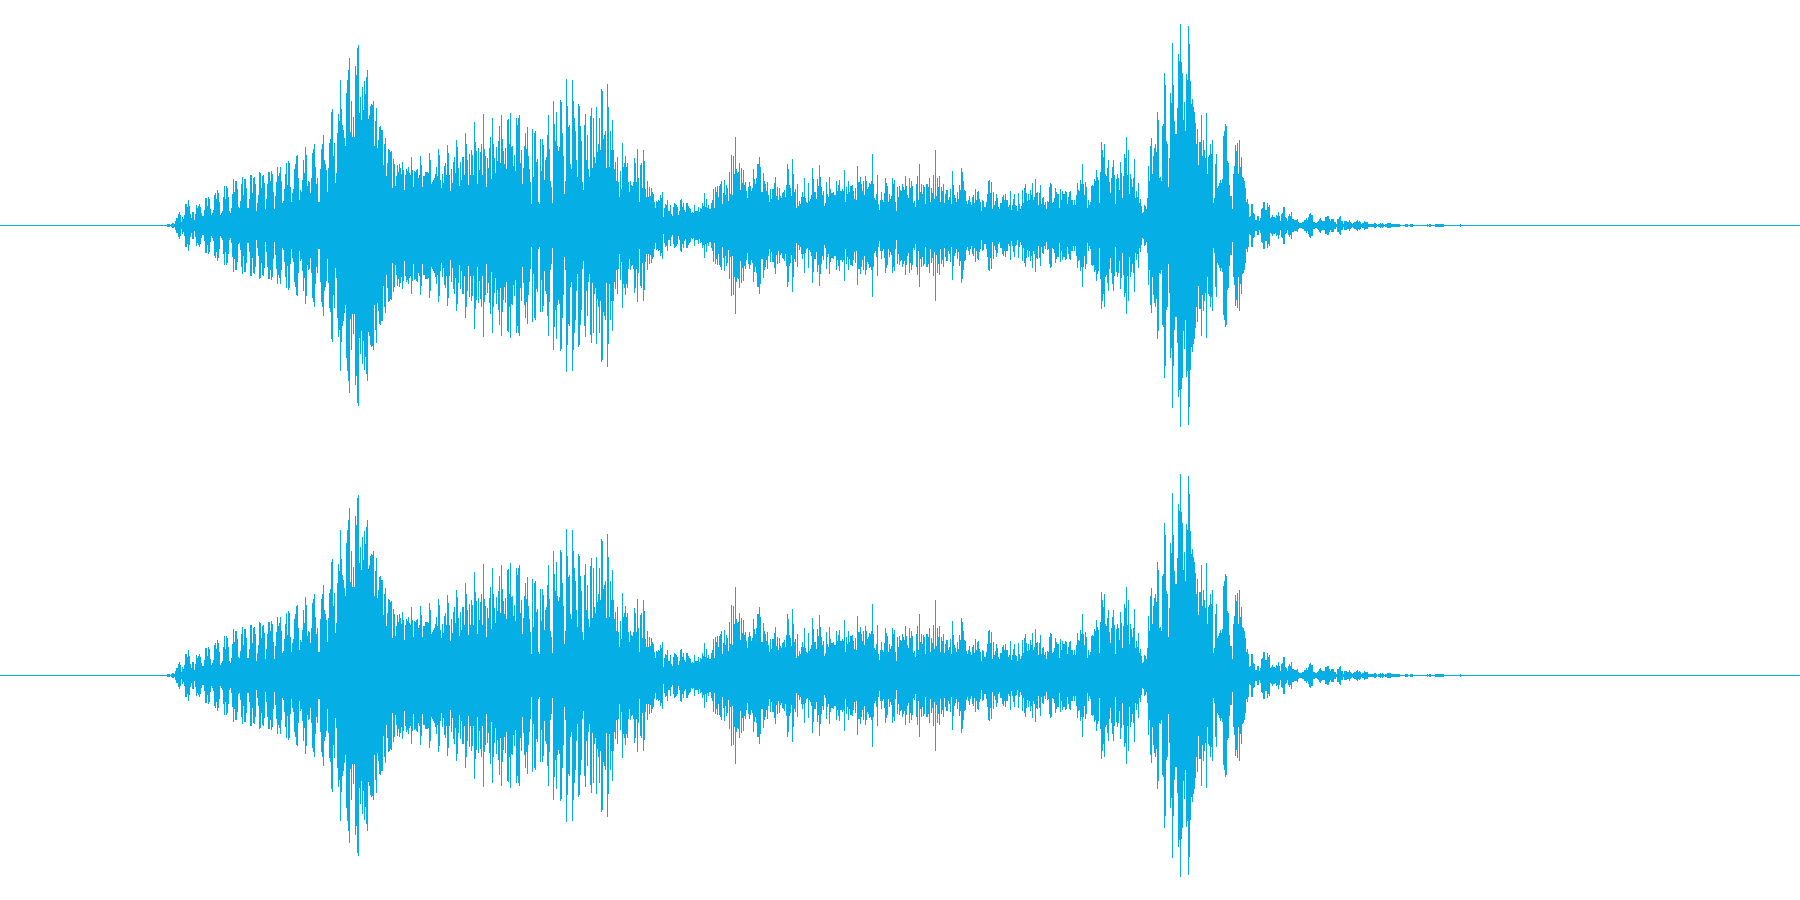 「よいっしょ」の再生済みの波形